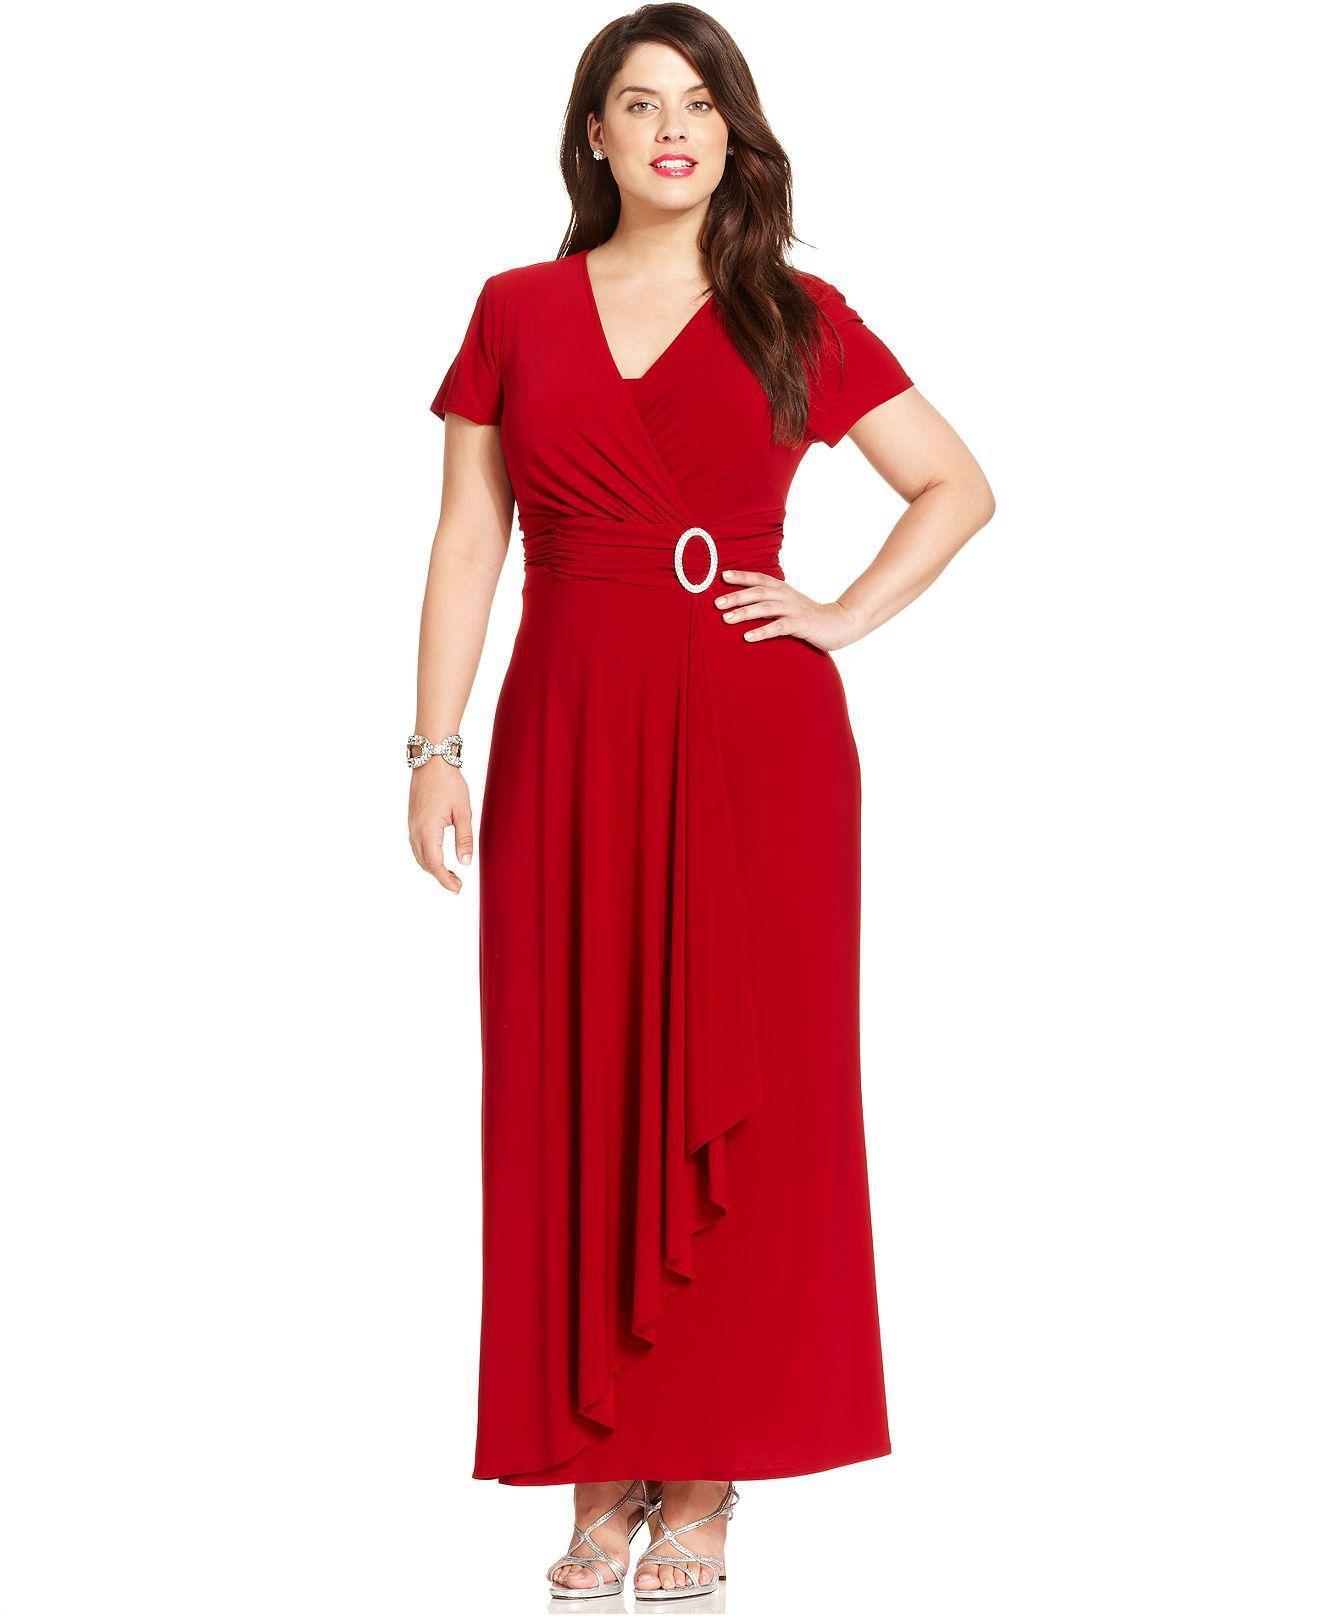 macys wedding guest dresses R M Richards Plus Size Dress Short Sleeve Faux Wrap Gown Plus Size